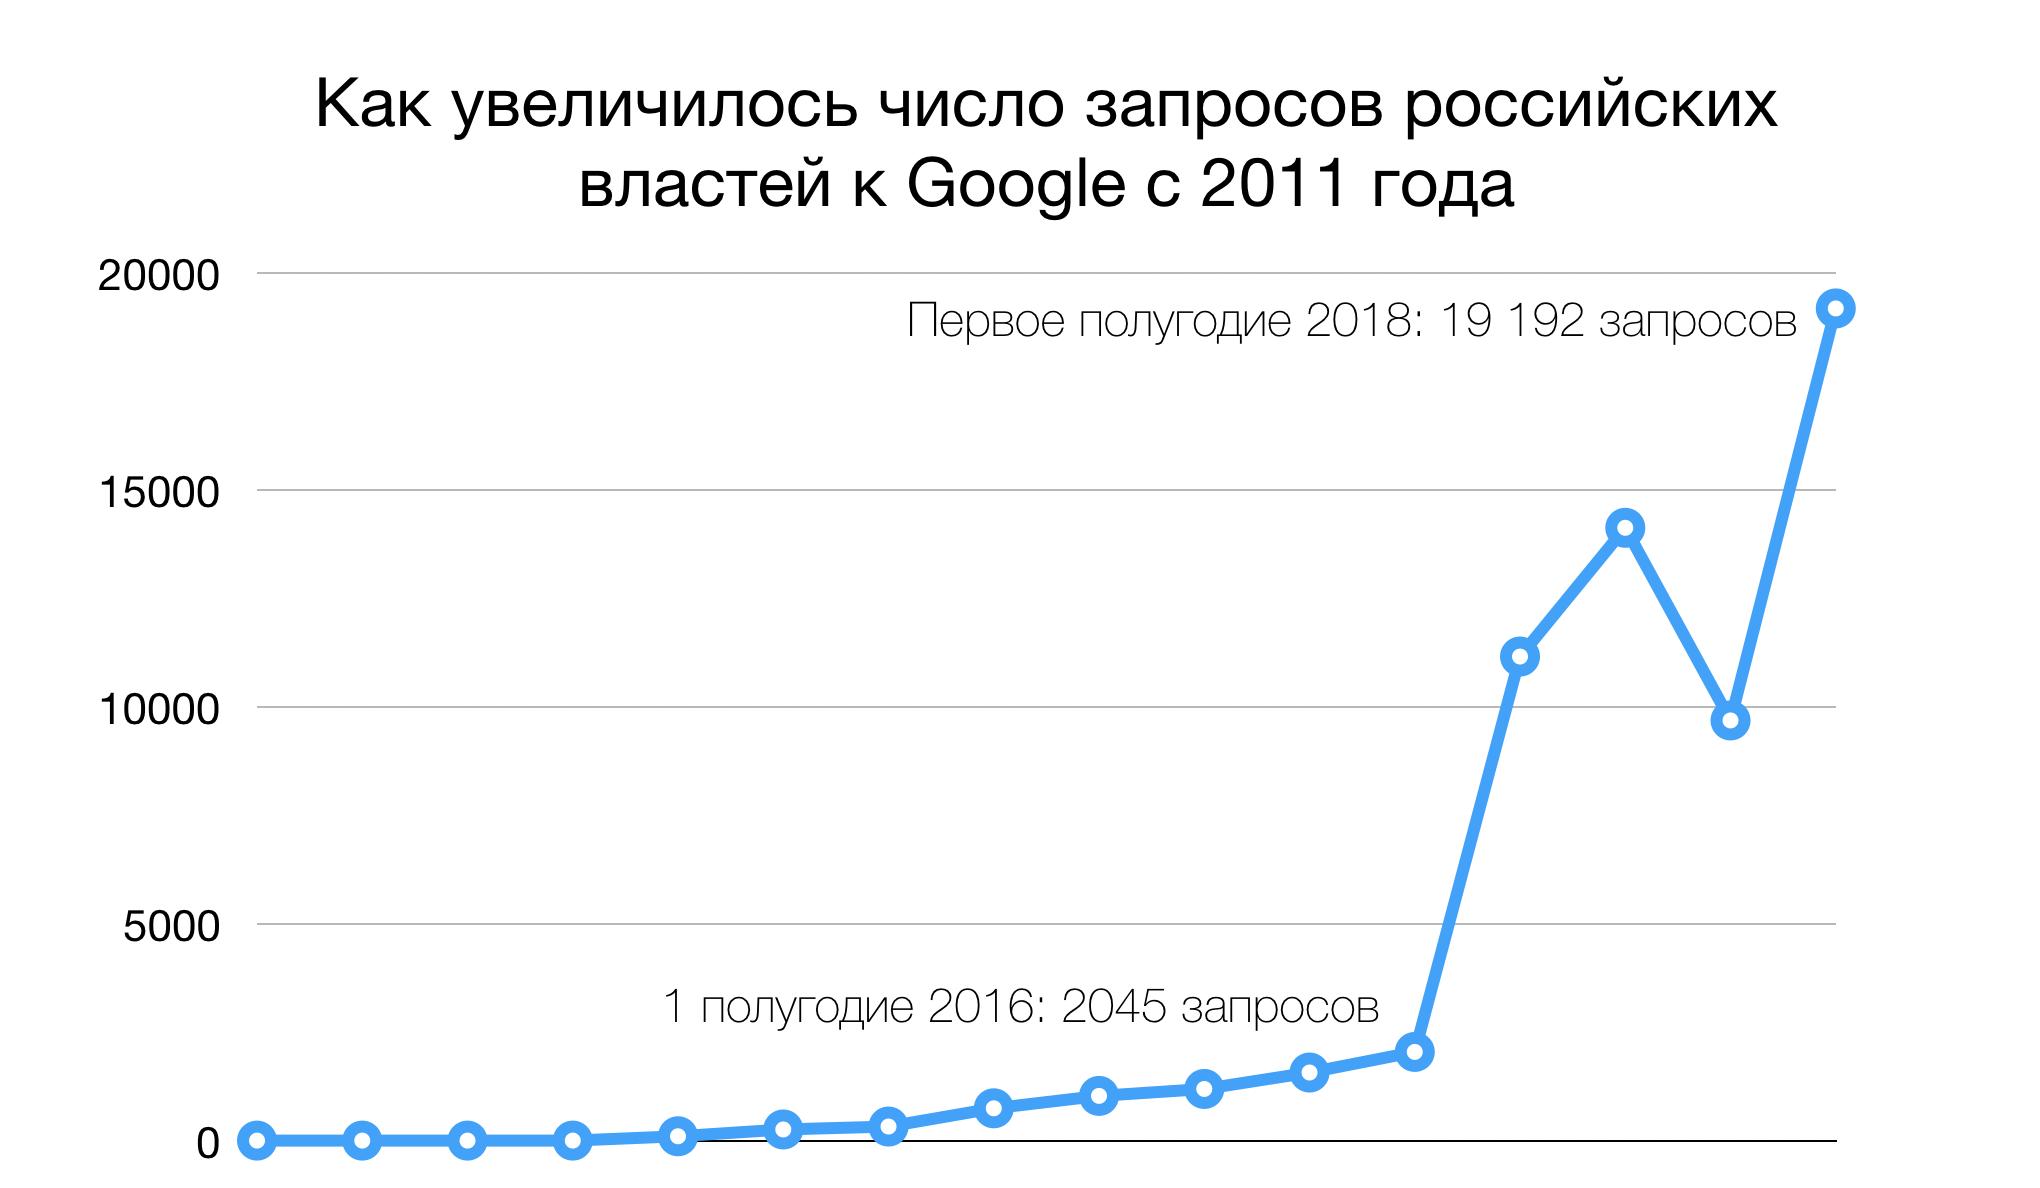 Google: российские власти подают 75% от всех мировых запросов на удаление контента